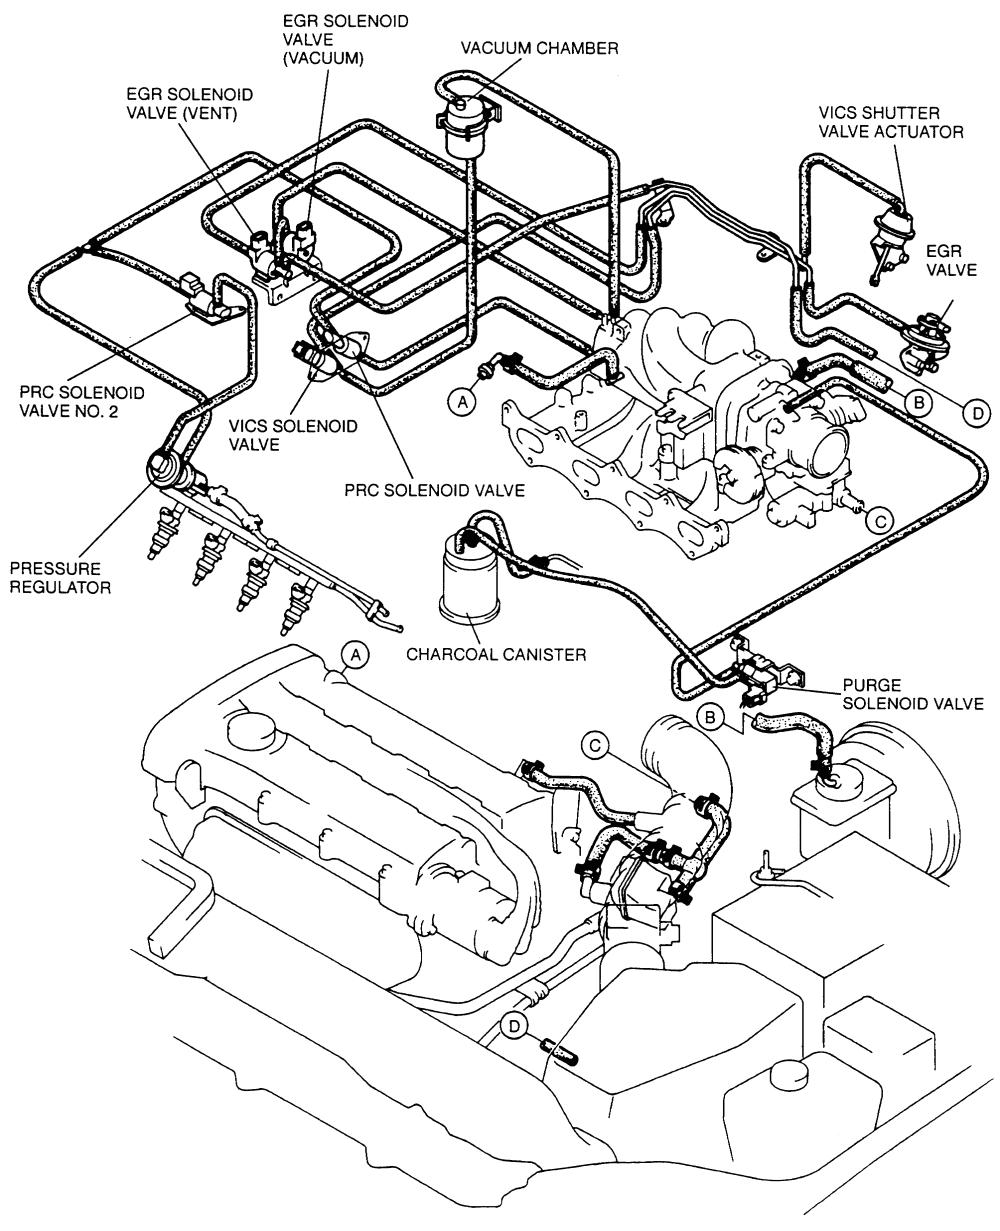 1997 isuzu Npr Wiring Diagram Wrg 5324 3 5l Engine Diagram